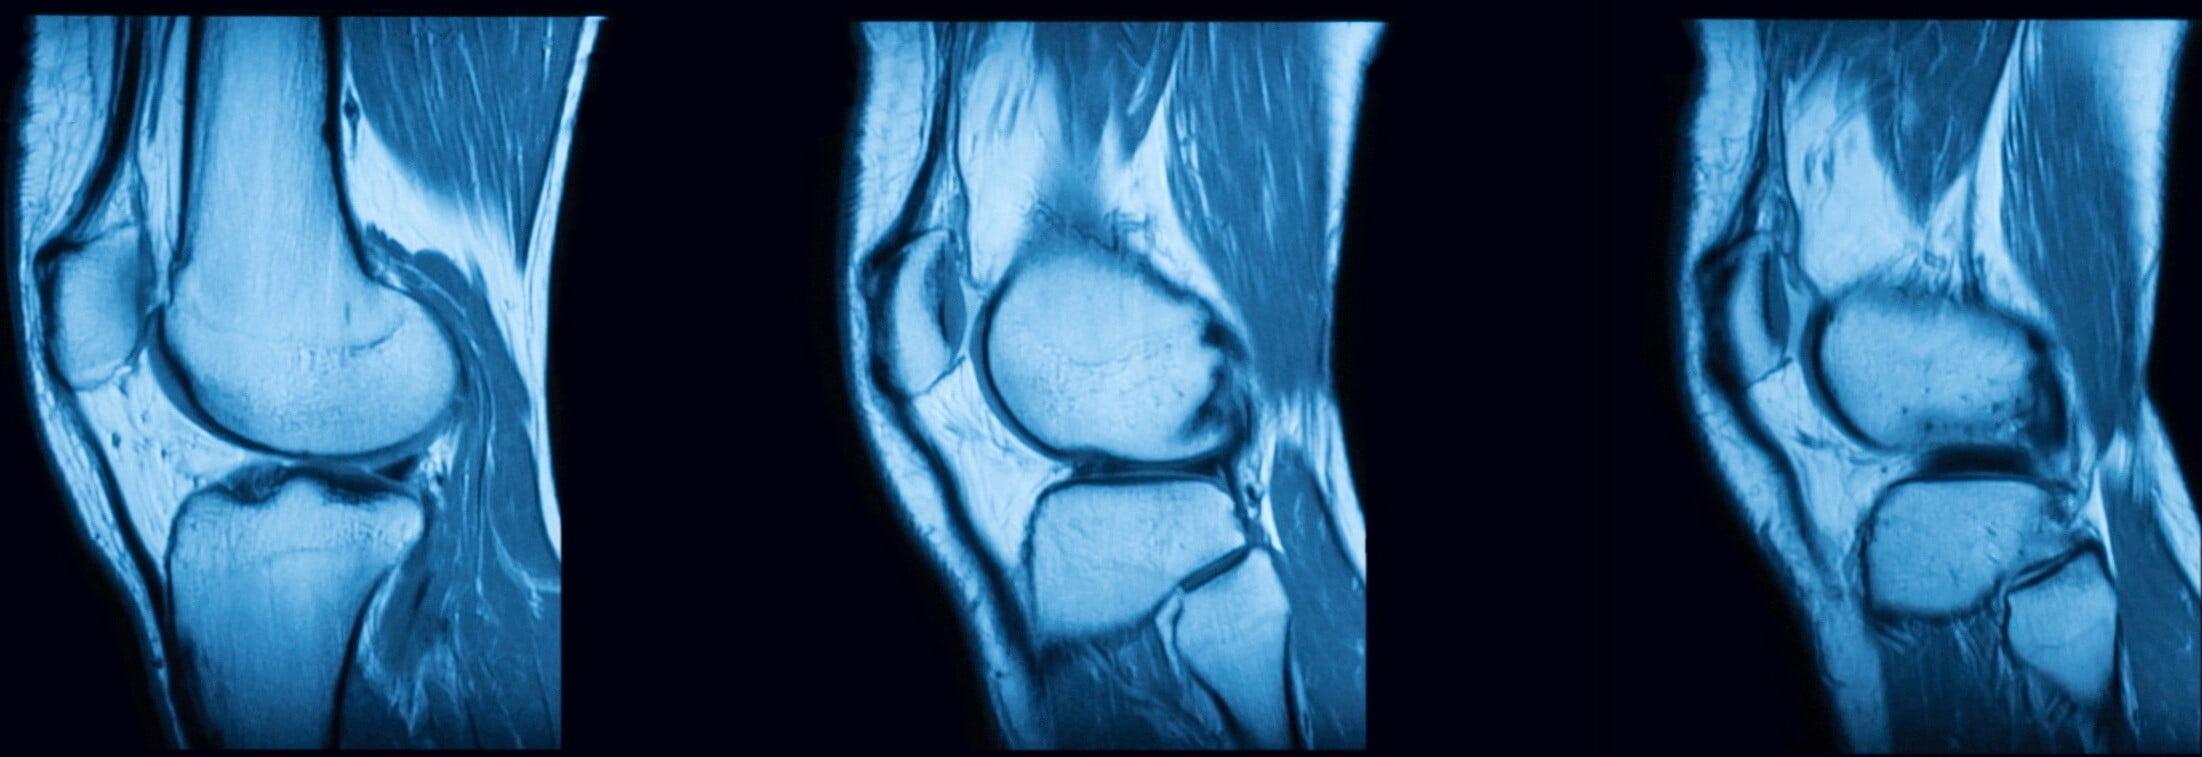 Cartilage damage in knee